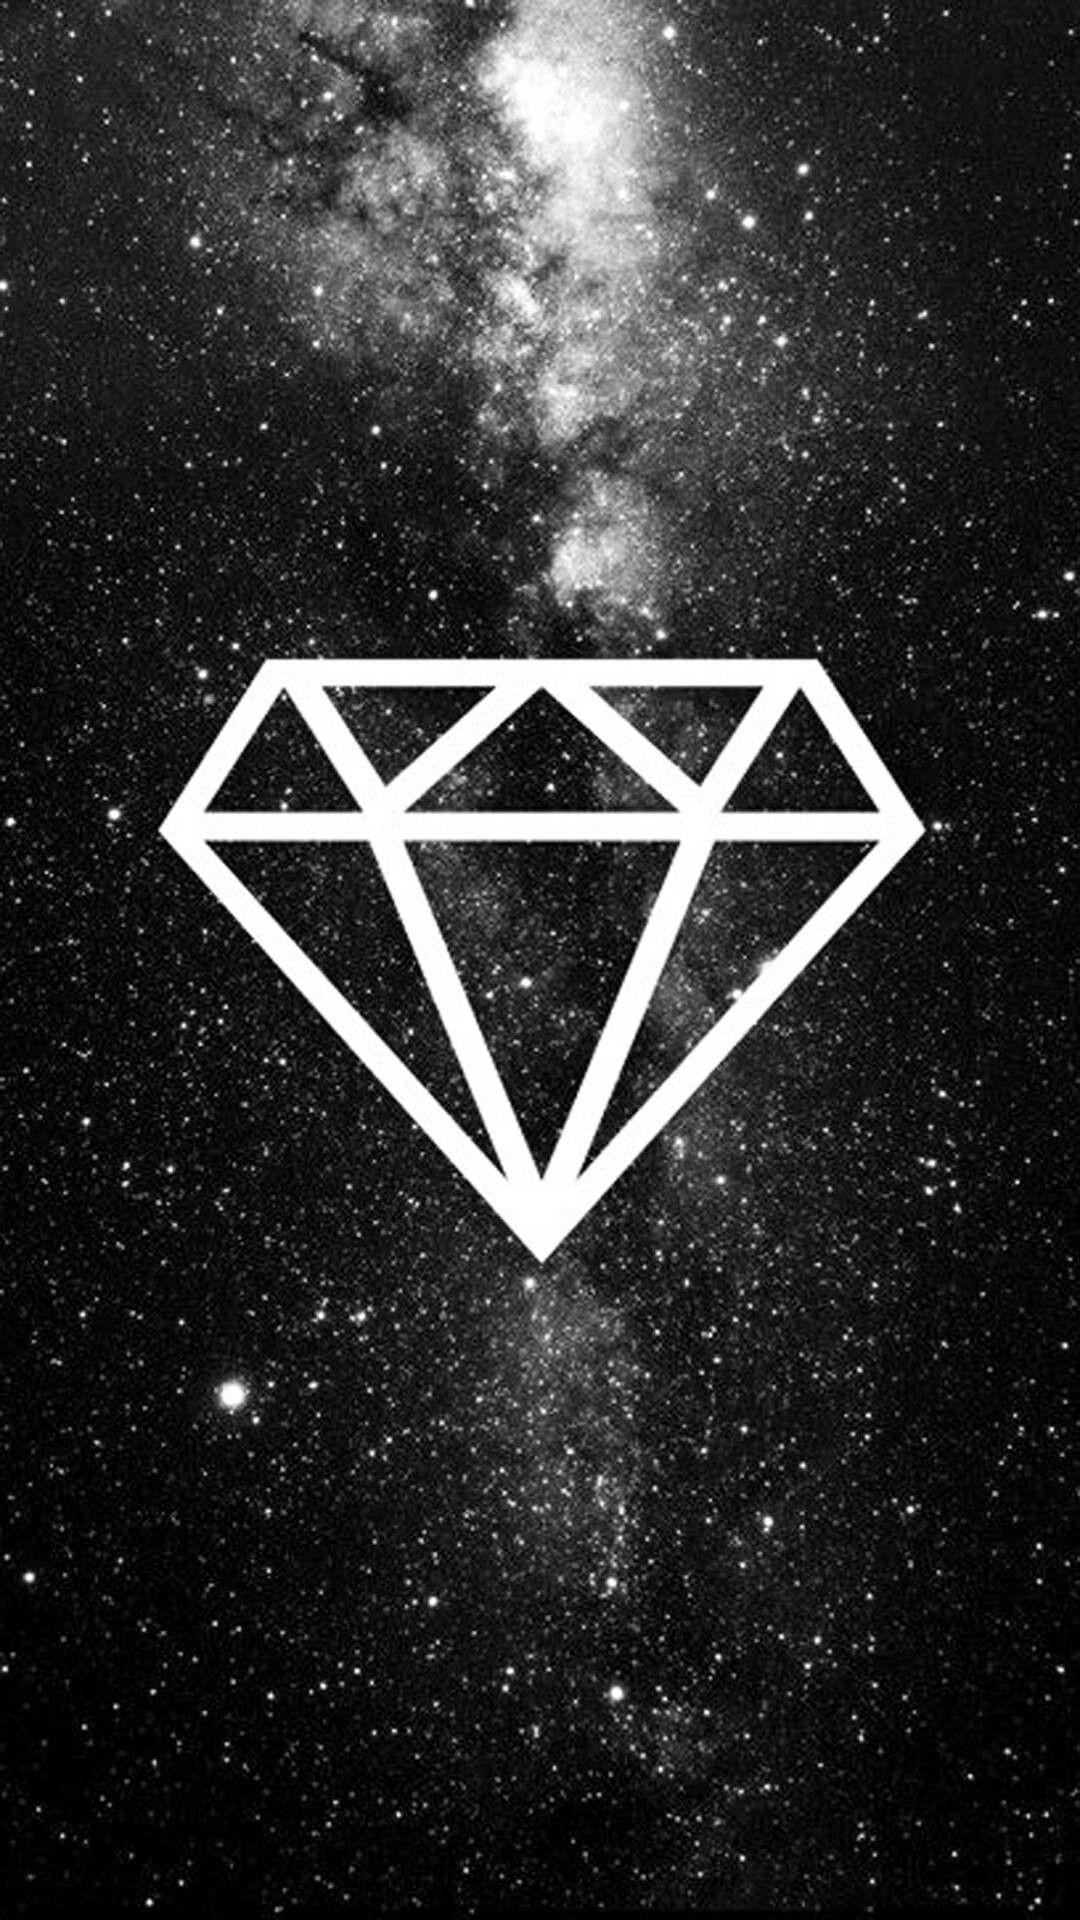 Hipster Wallpaper Tumblr - Fond D Écran Diamond , HD Wallpaper & Backgrounds